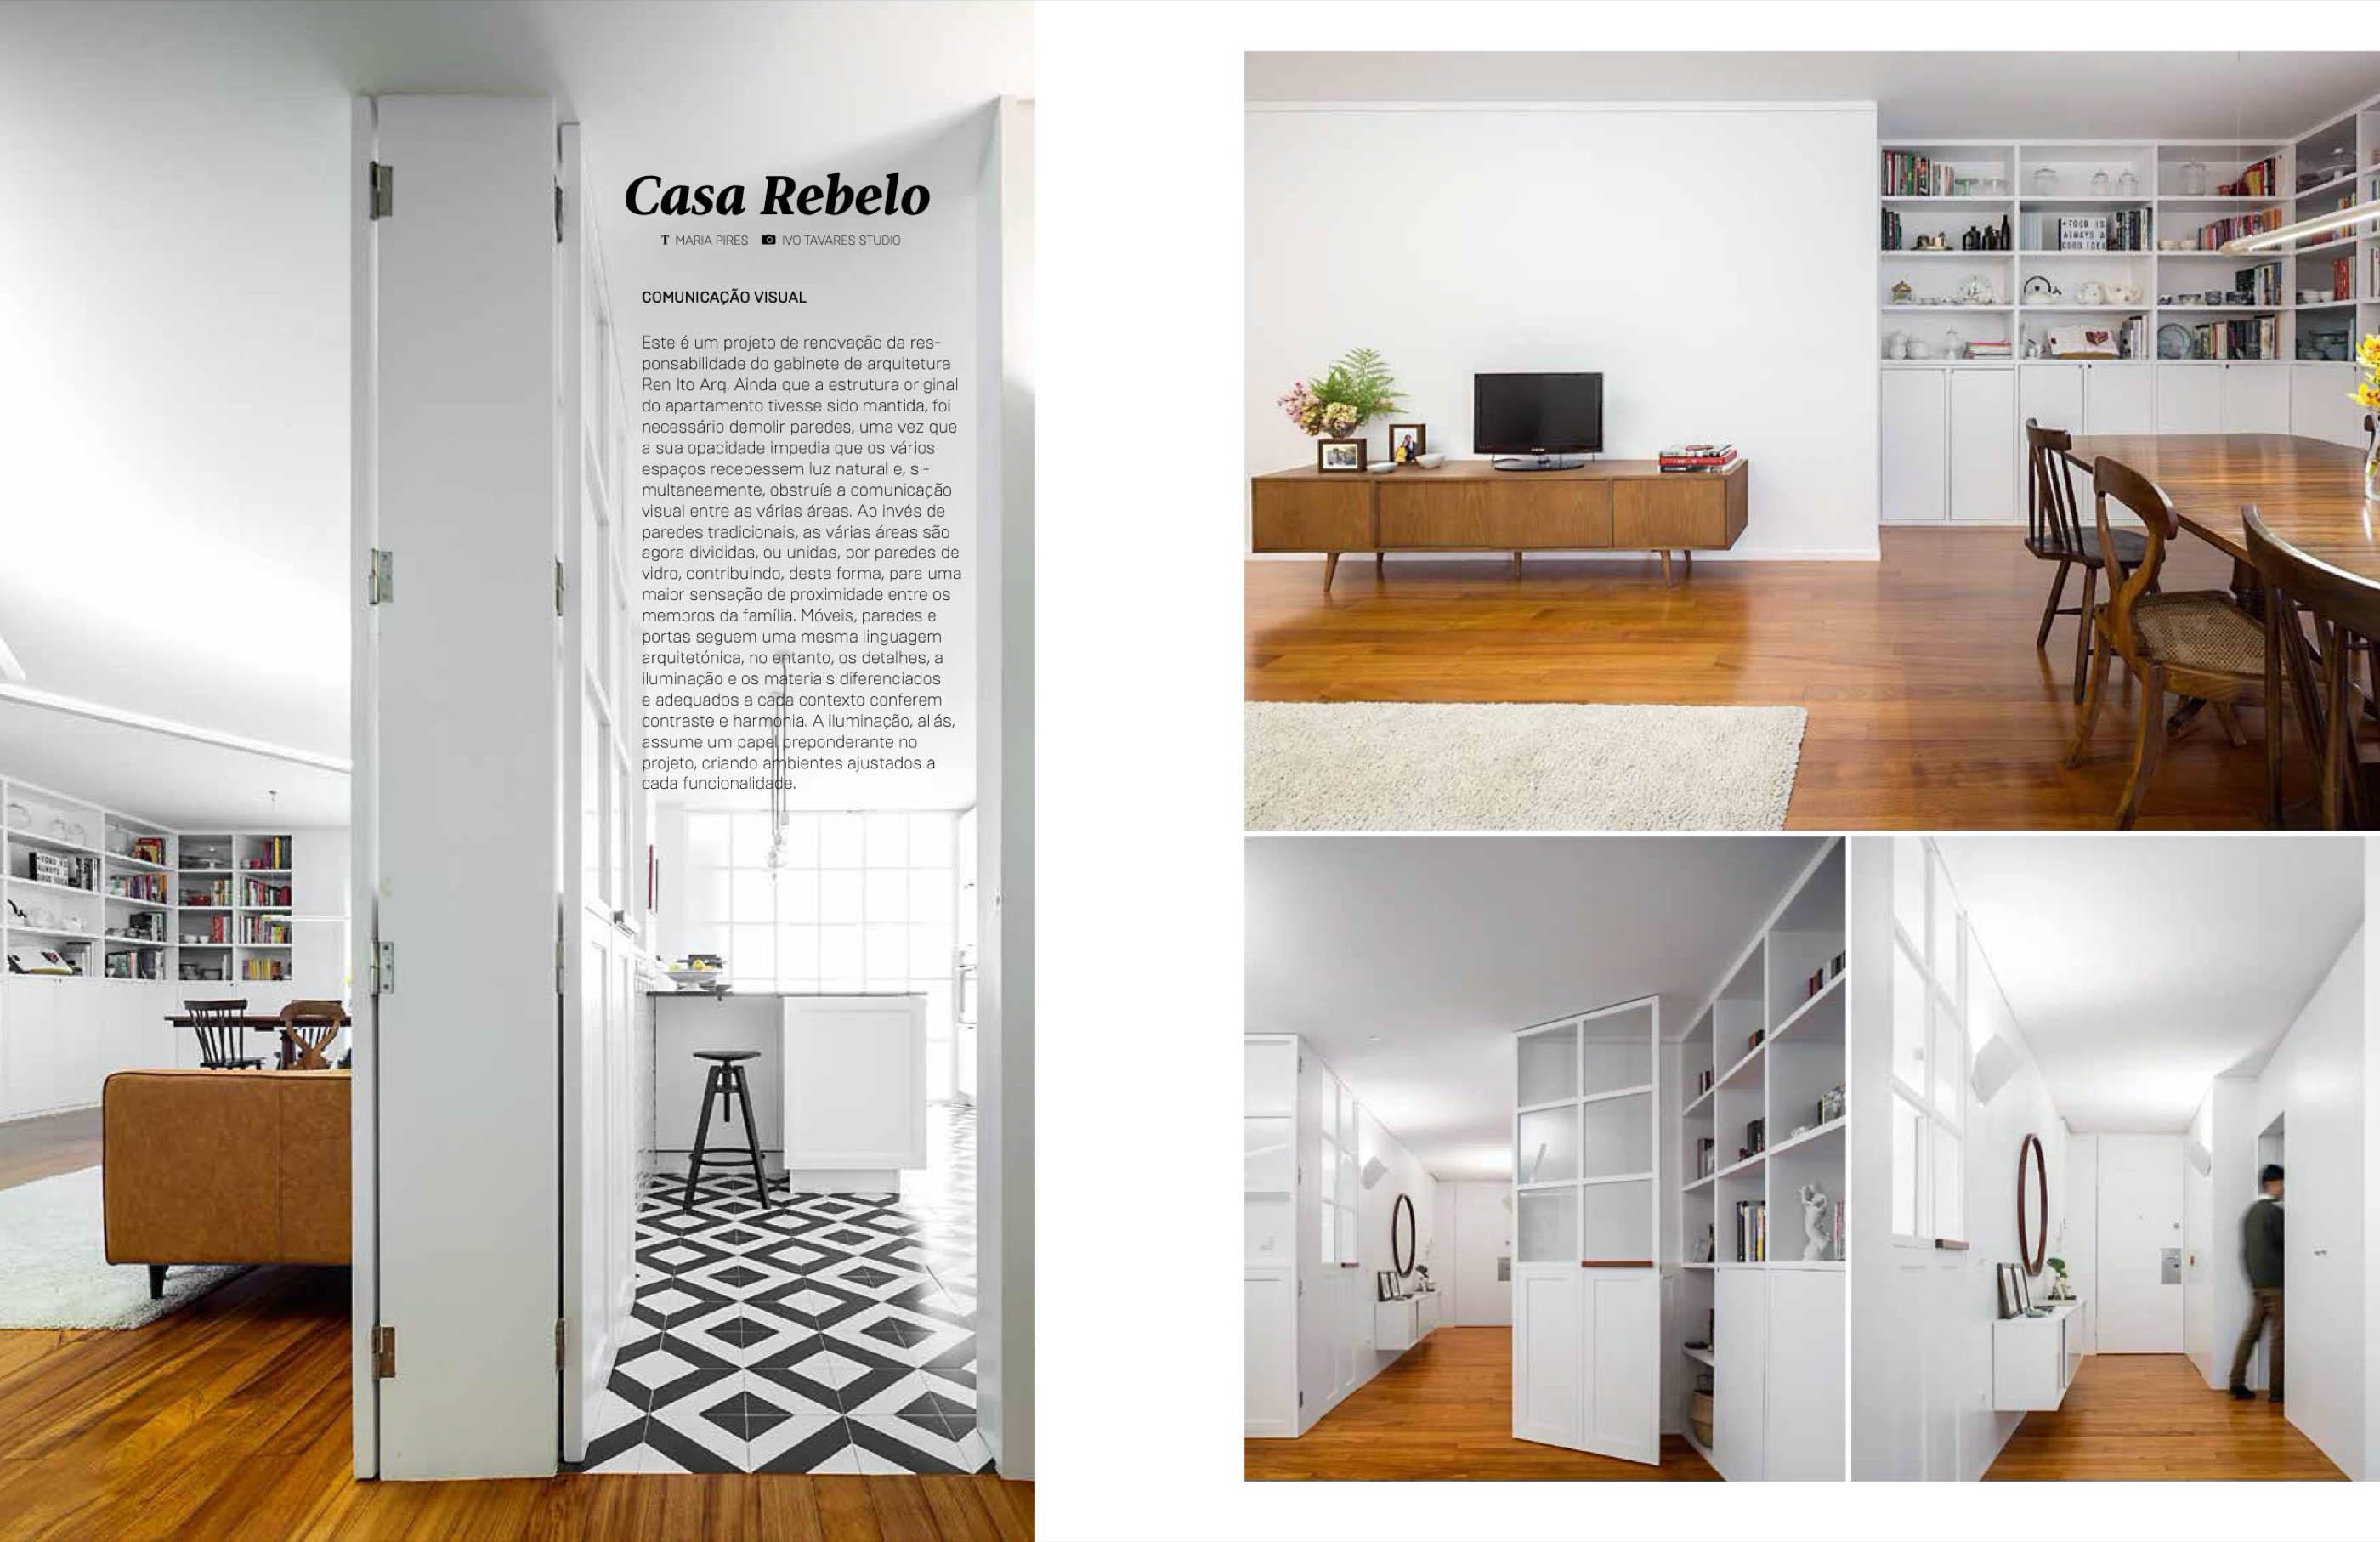 Atelier De Arquitectura , Frari , Hinterland E Ren Ito Publicad do fotografo Ivo Tavares Studio